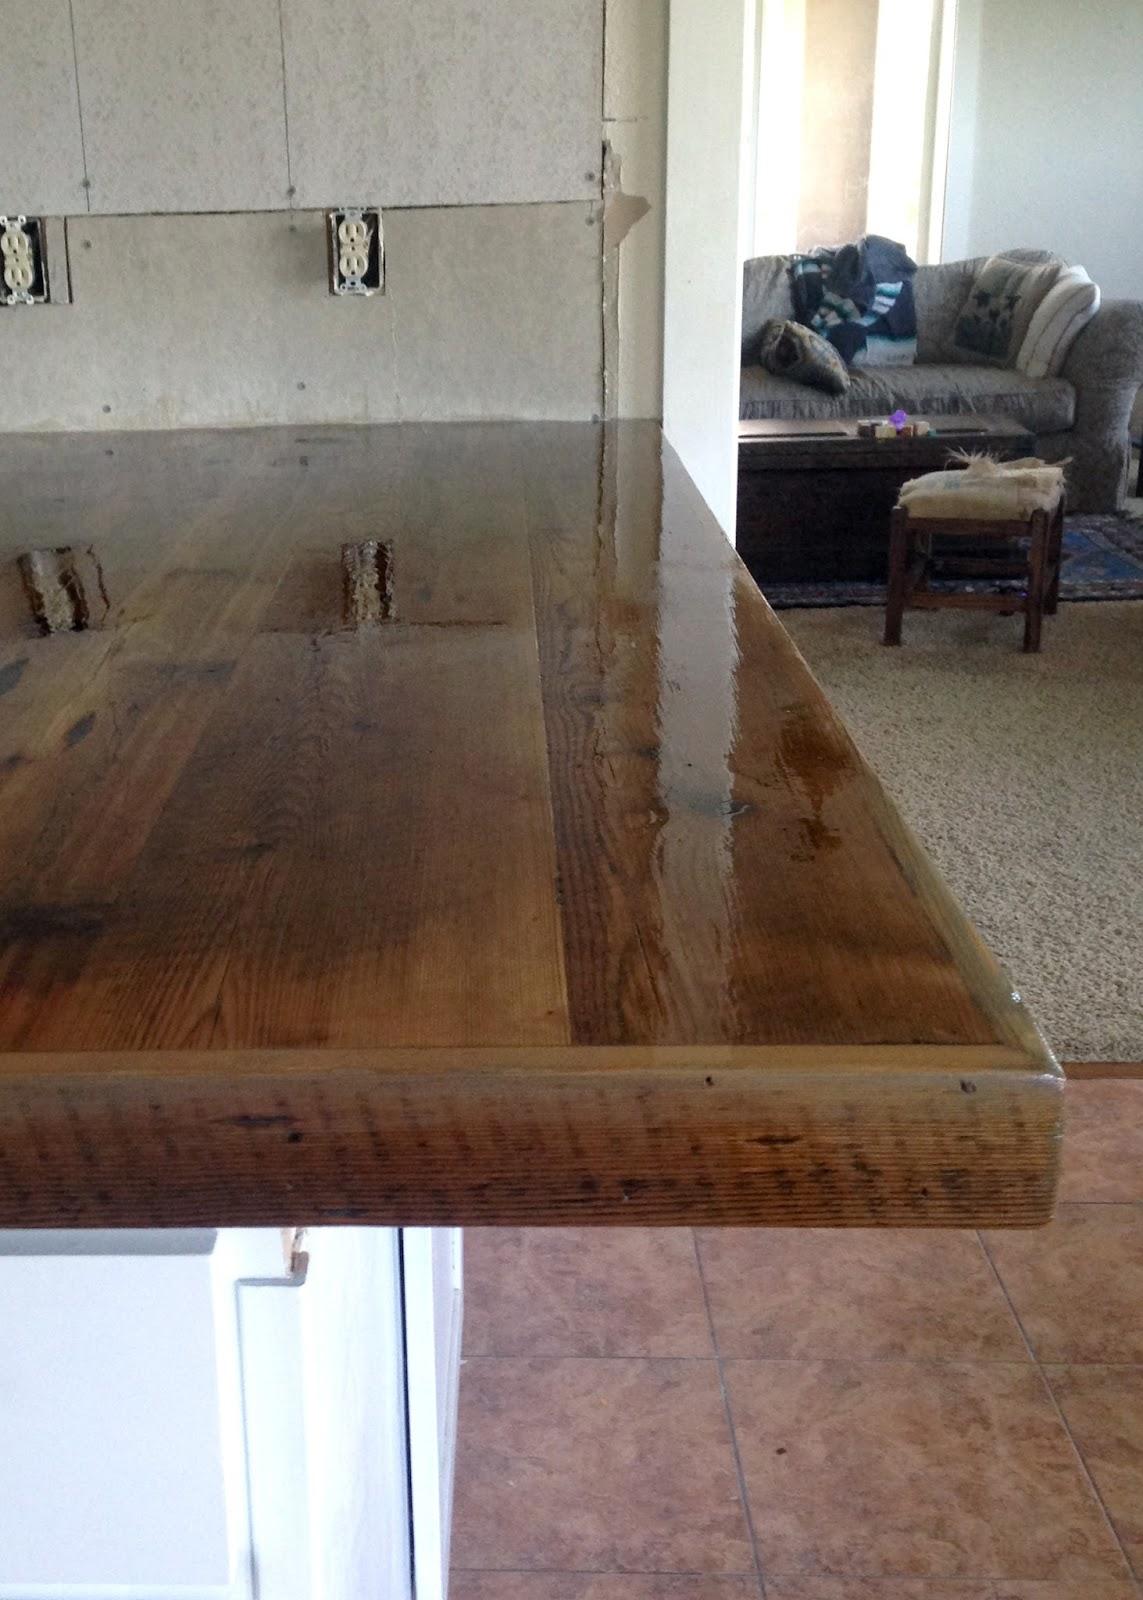 Best Kitchen Gallery: Diy Reclaimed Wood Countertop Averie Lane Diy Reclaimed Wood of 2x4 Kitchen Counter on rachelxblog.com